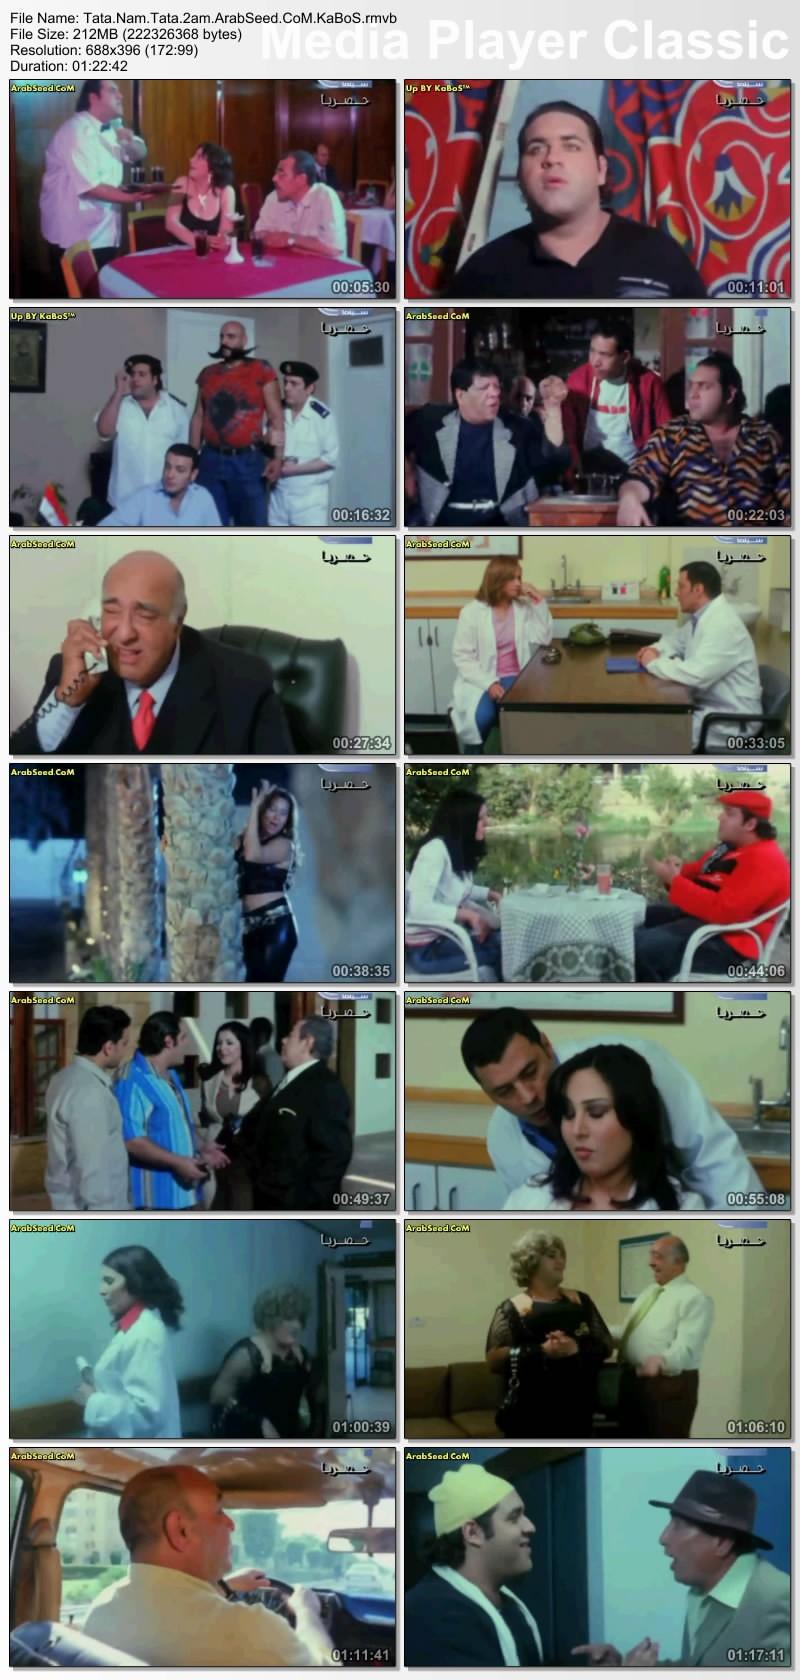 مشاهدة وتحميل فيلم طاطا نام طاطا قام بطولة عمرو عبد الجليل و بوسى سمير Thumbs99